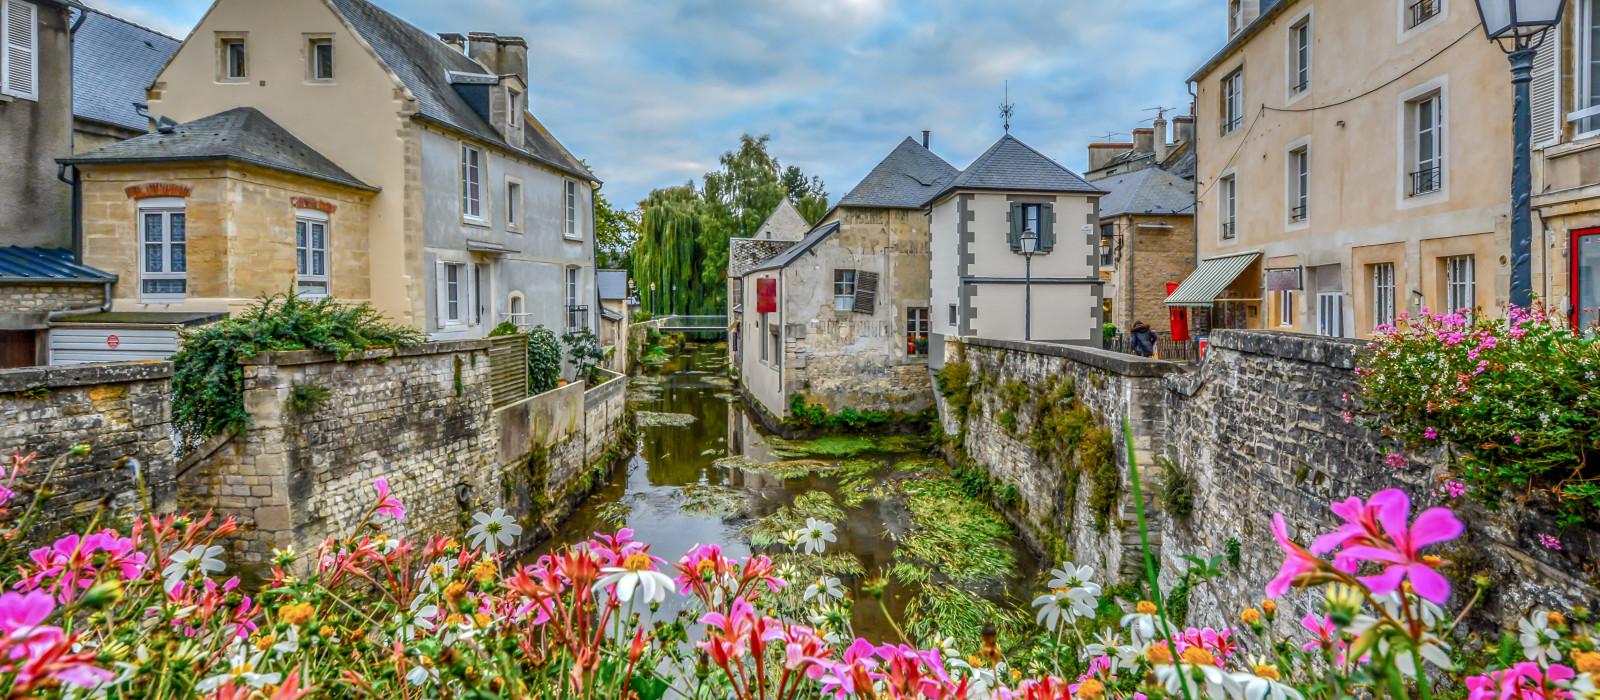 Hotel Brunville  Bayeux France